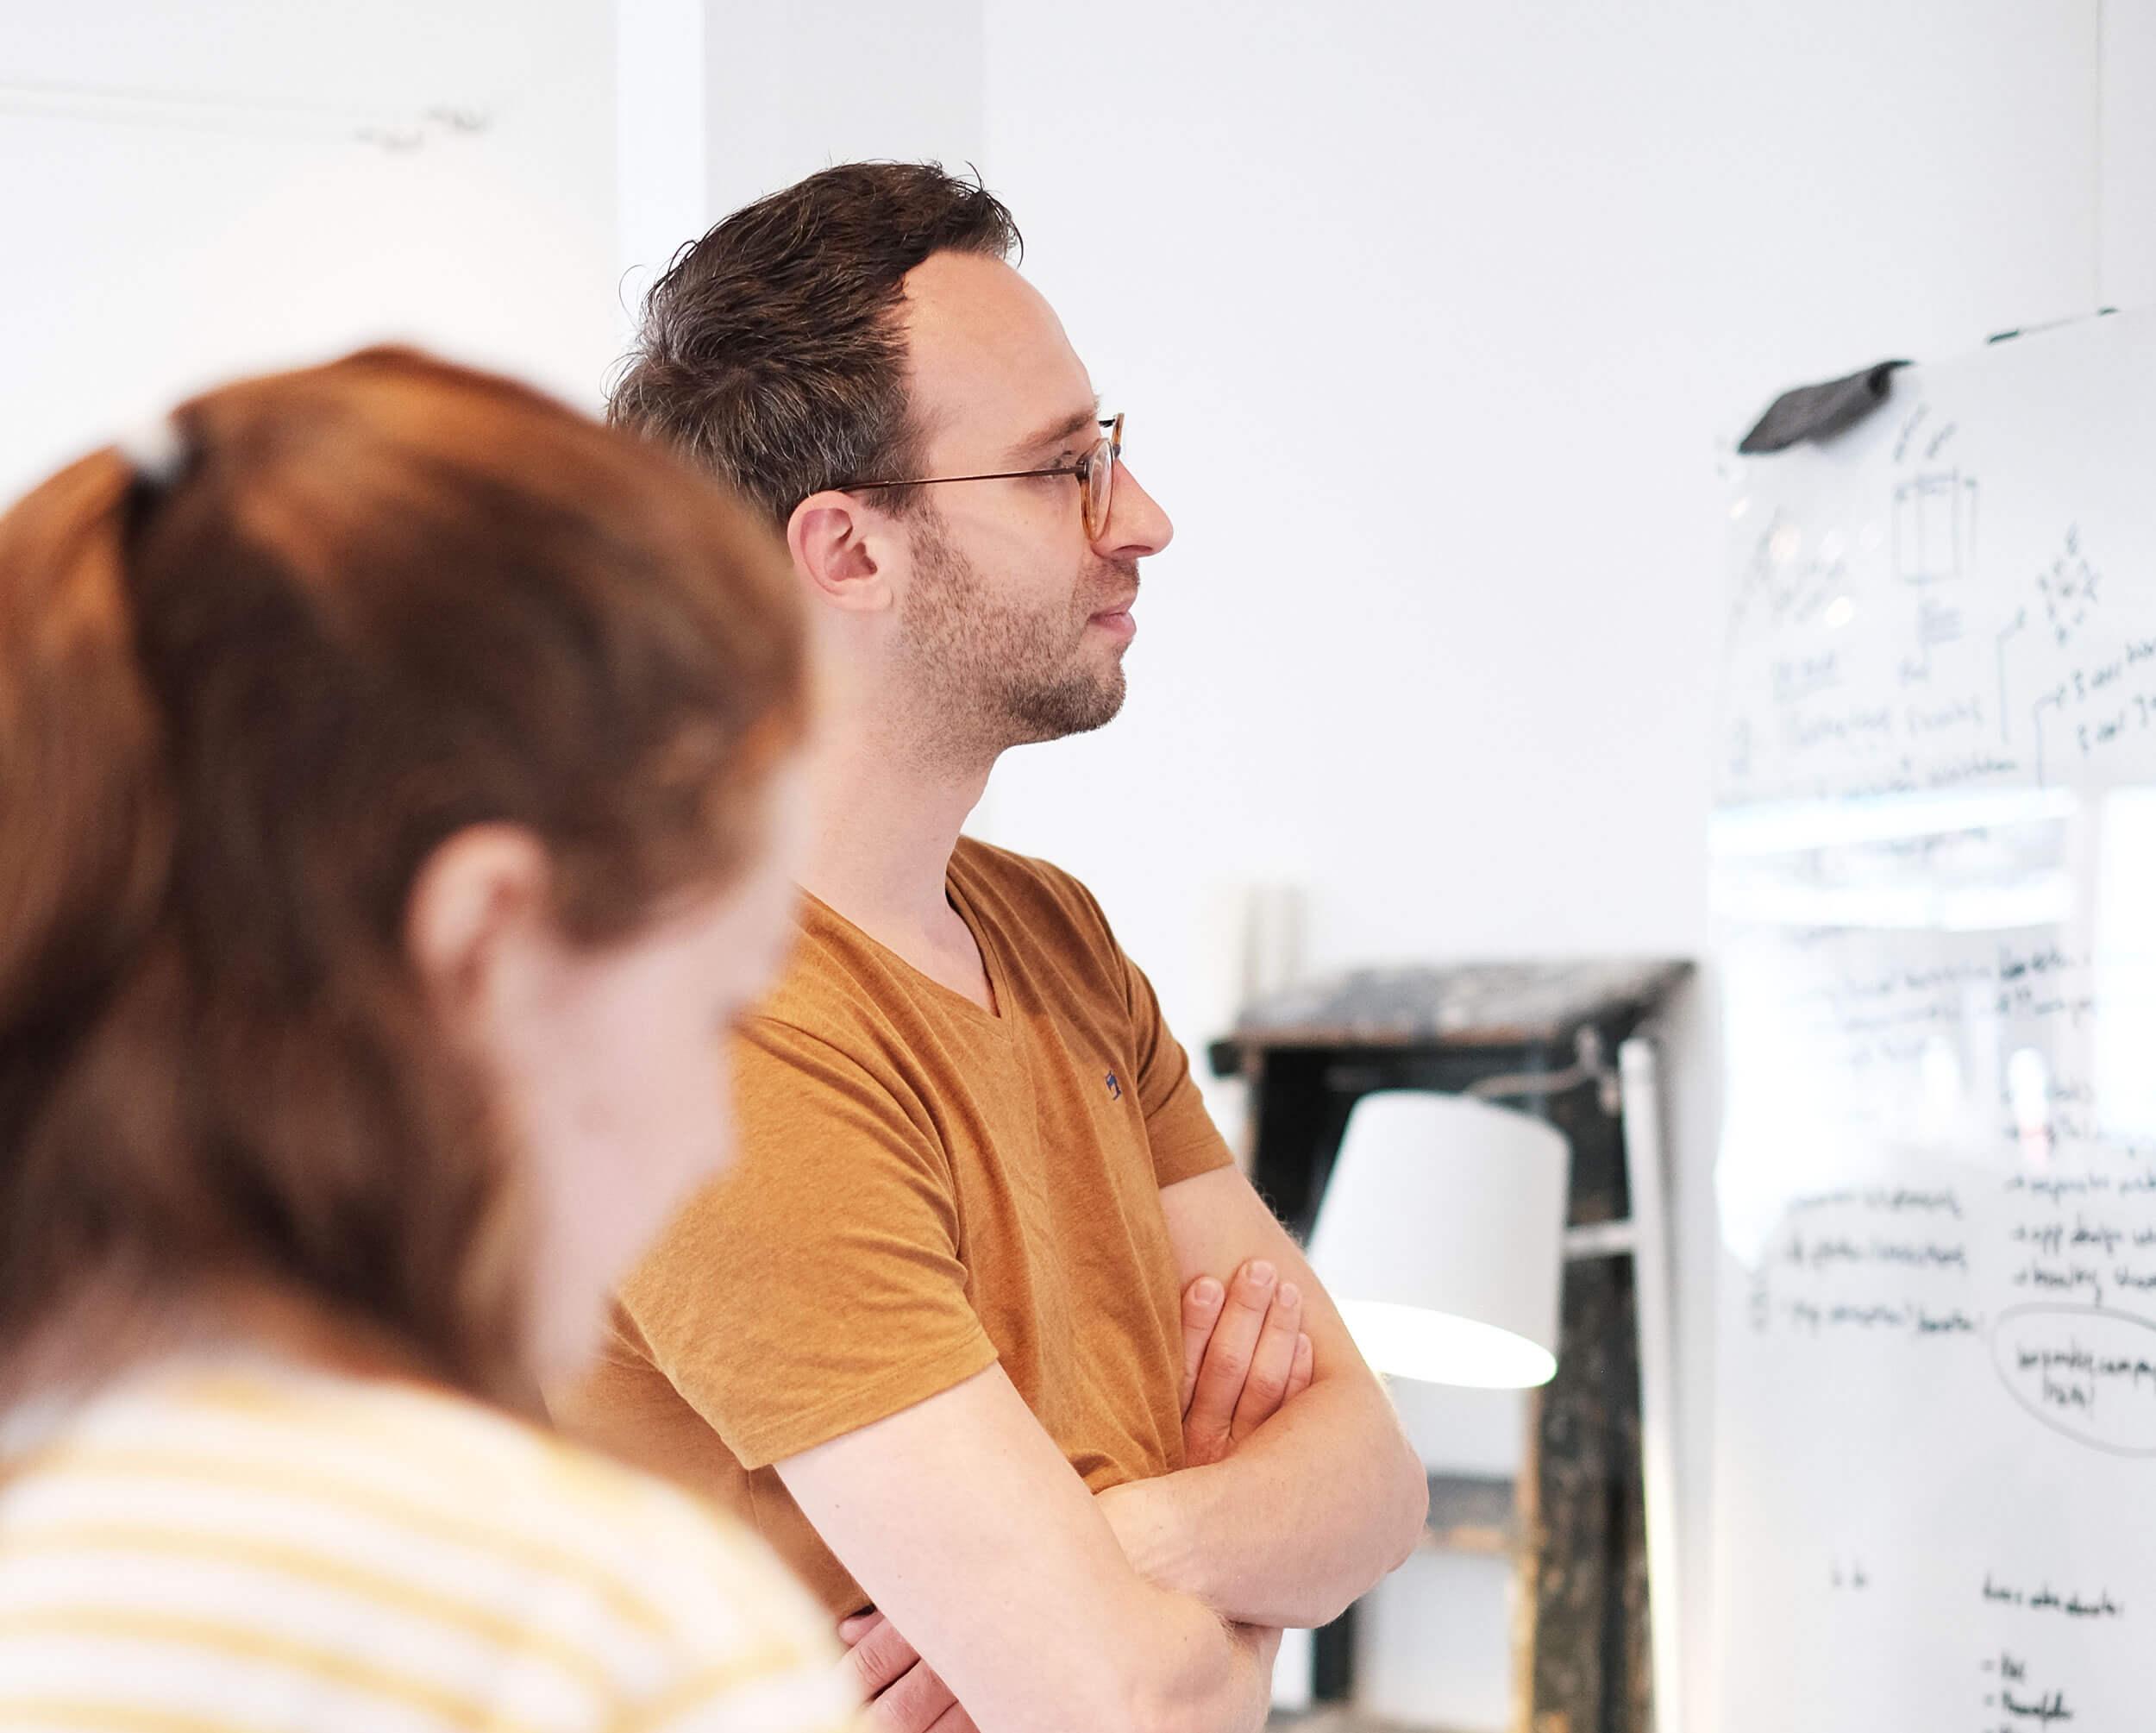 Joris en Ellie kijken naar een strategisch plan op het whiteboard